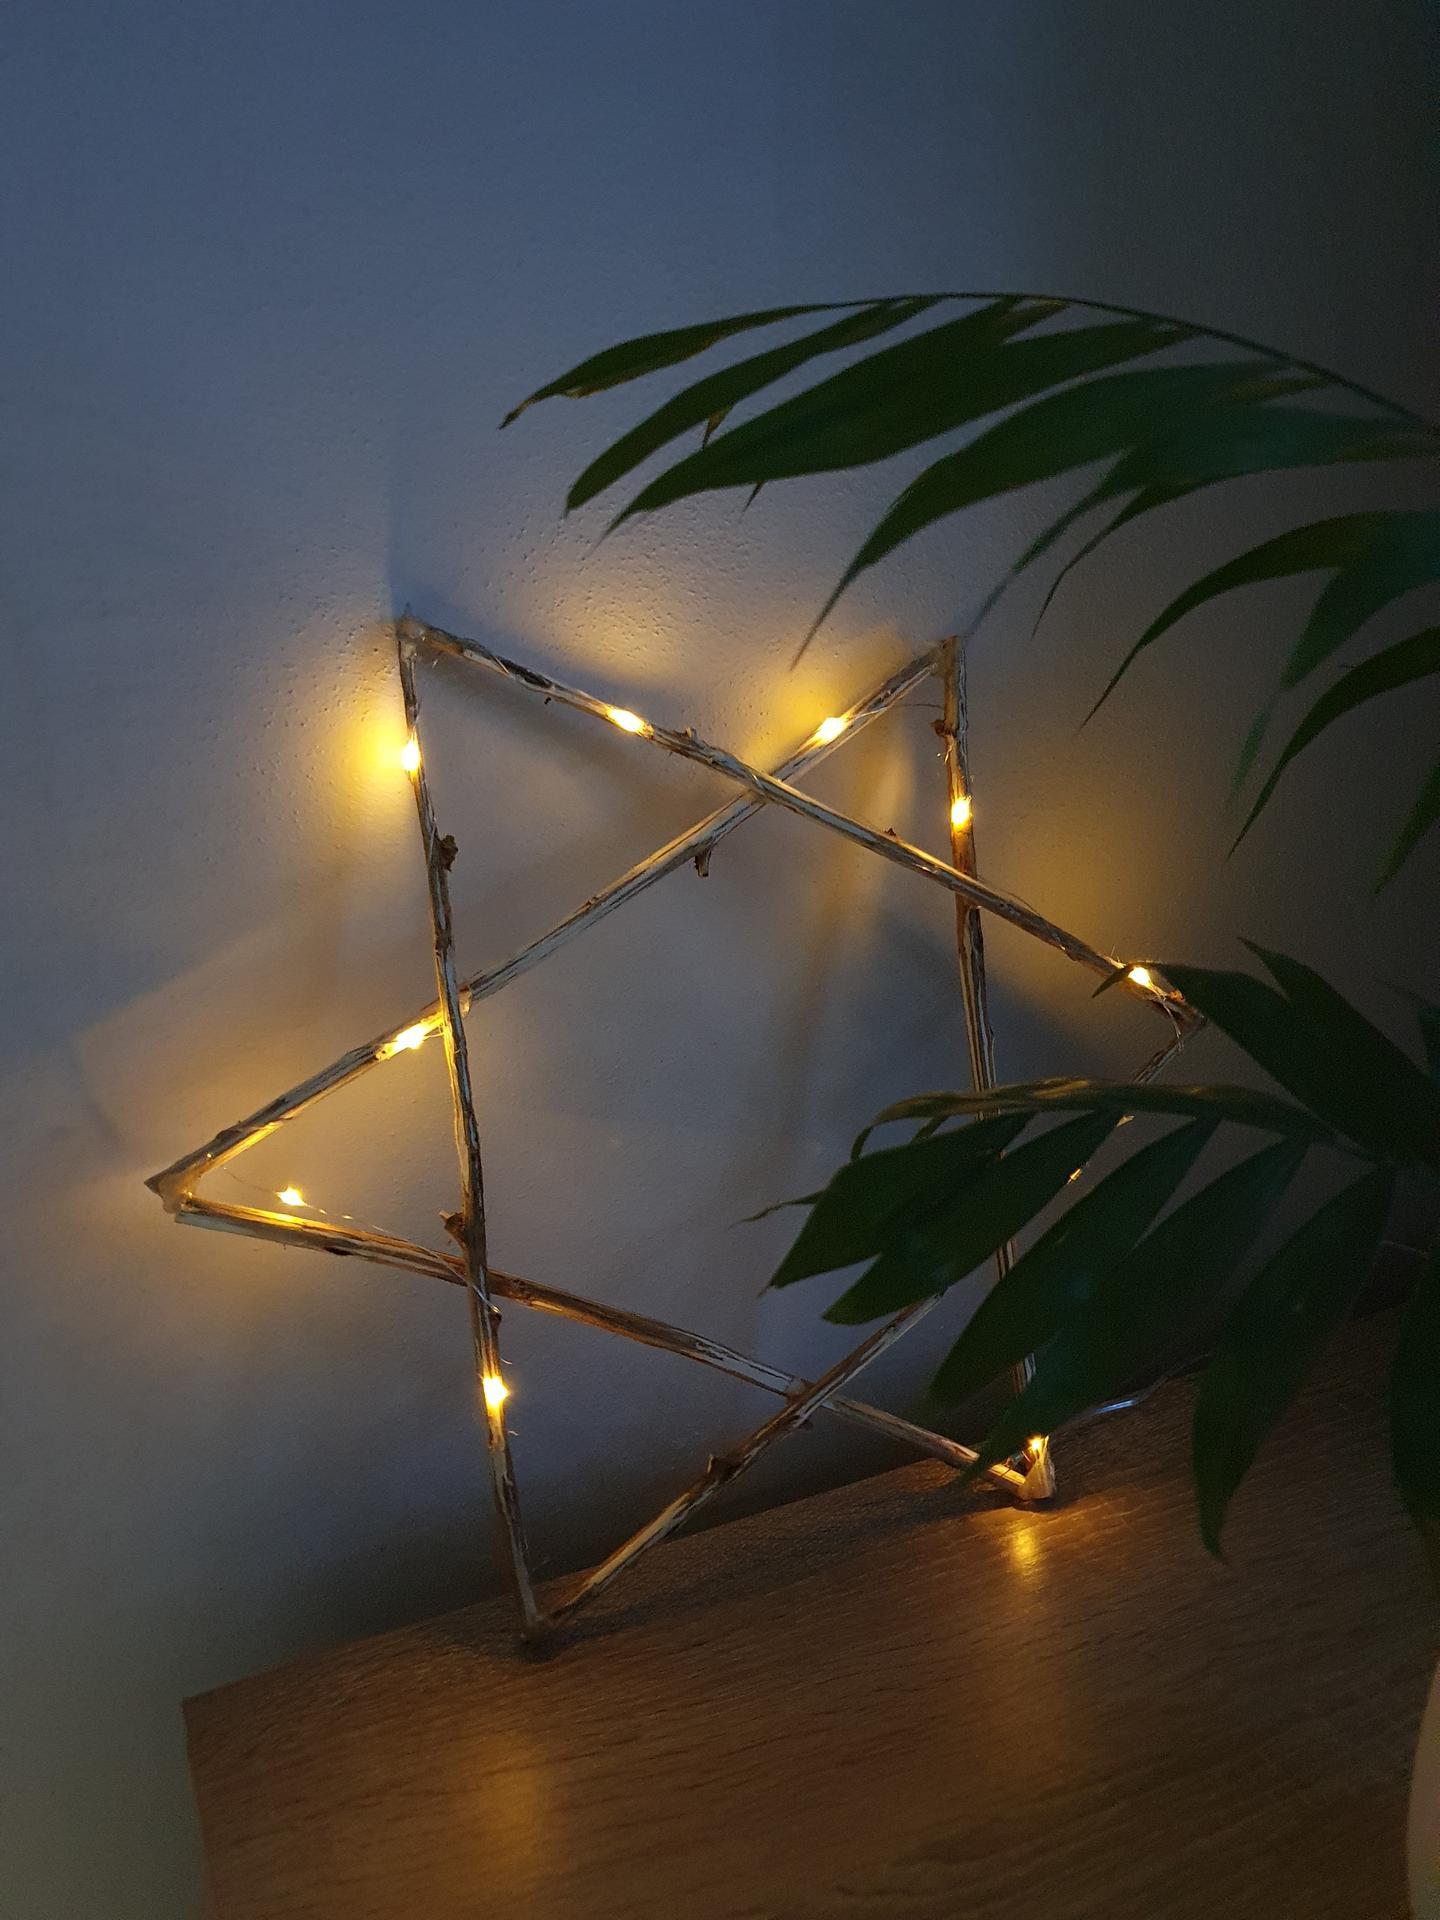 Vianočné dekorácie/Vianočná inšpirácia - Obrázok č. 22